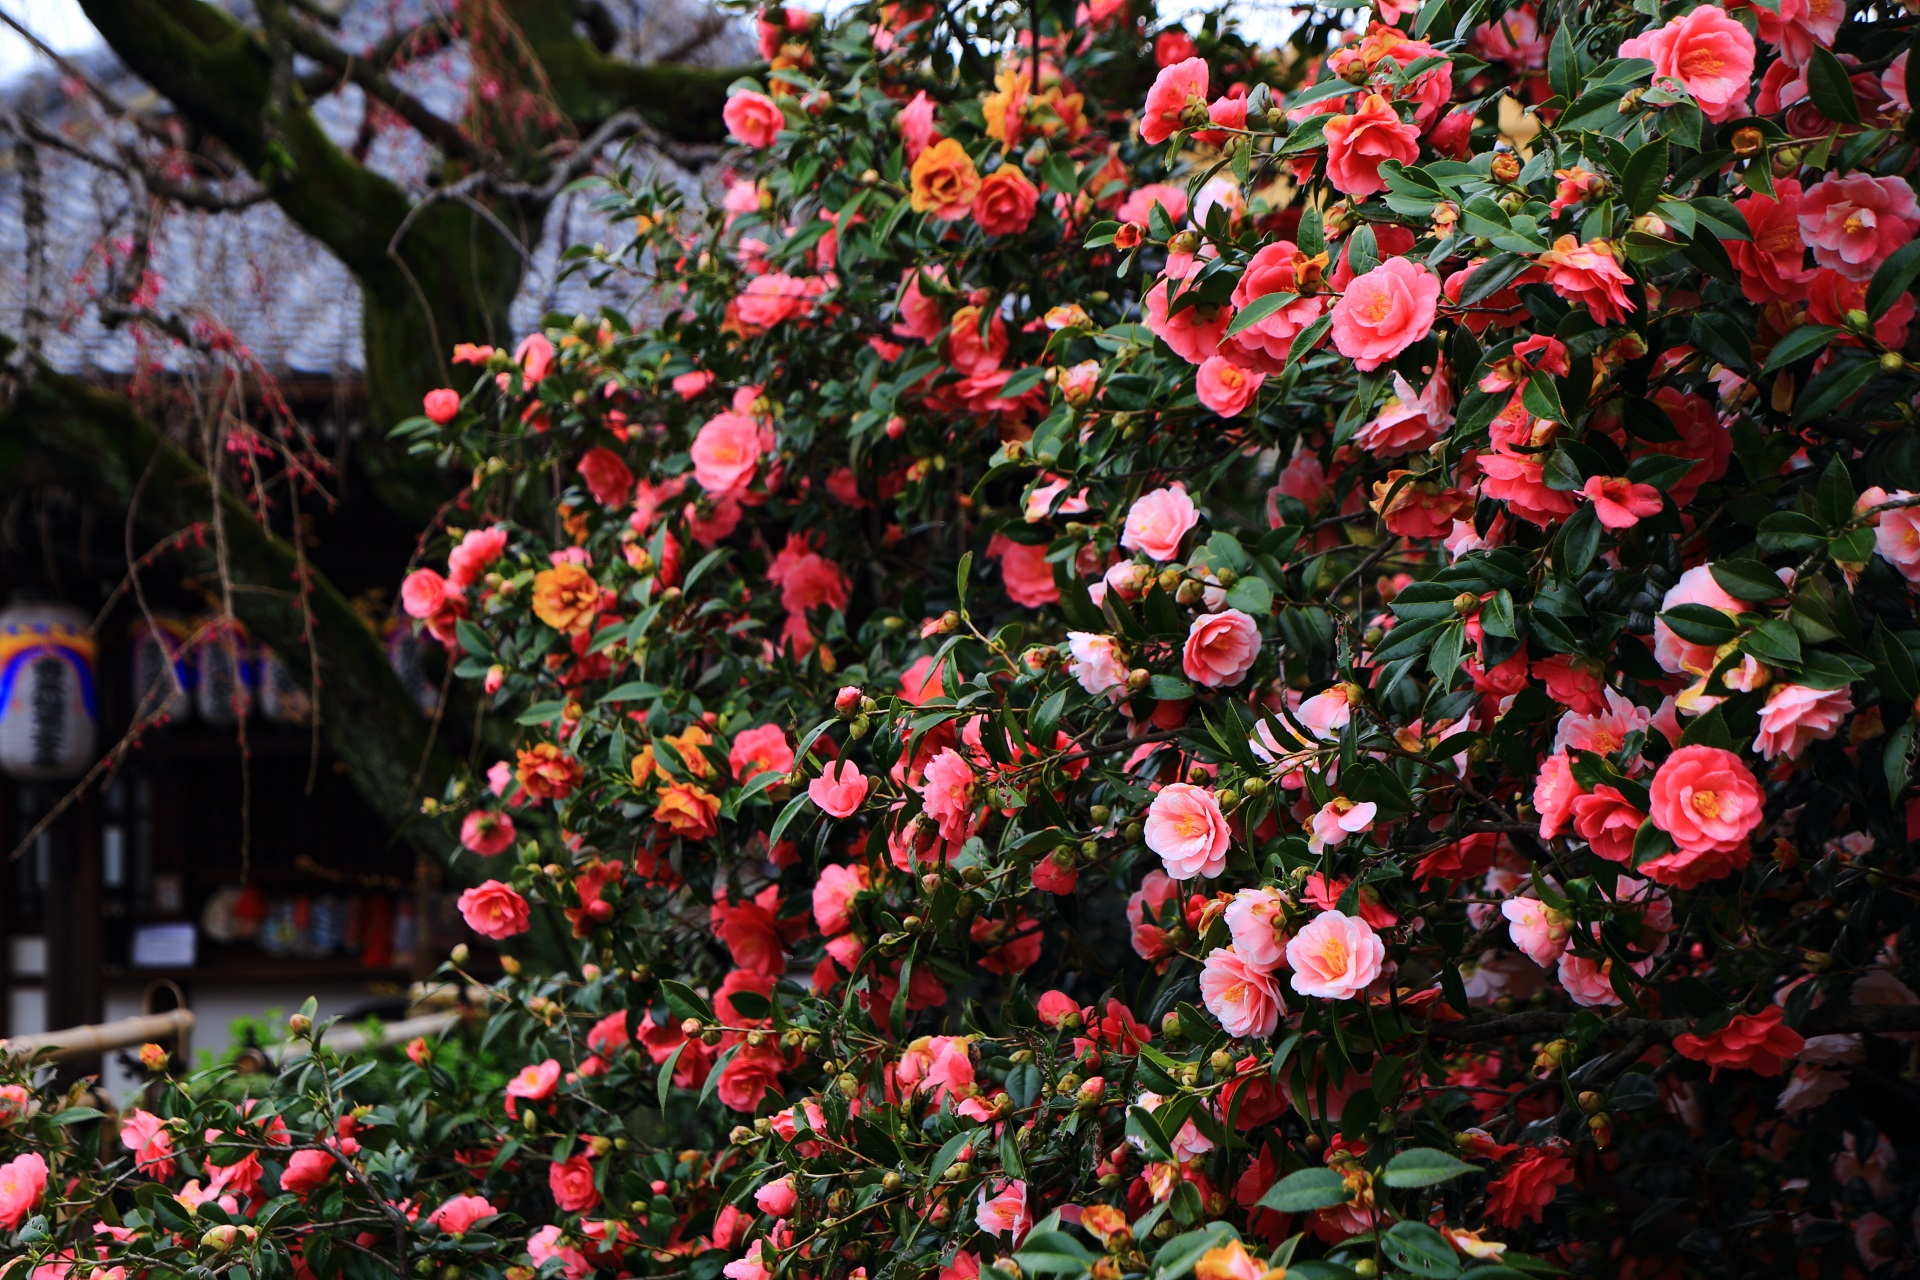 圧巻の椿の花につつまれる椿寺と呼ばれる地蔵院